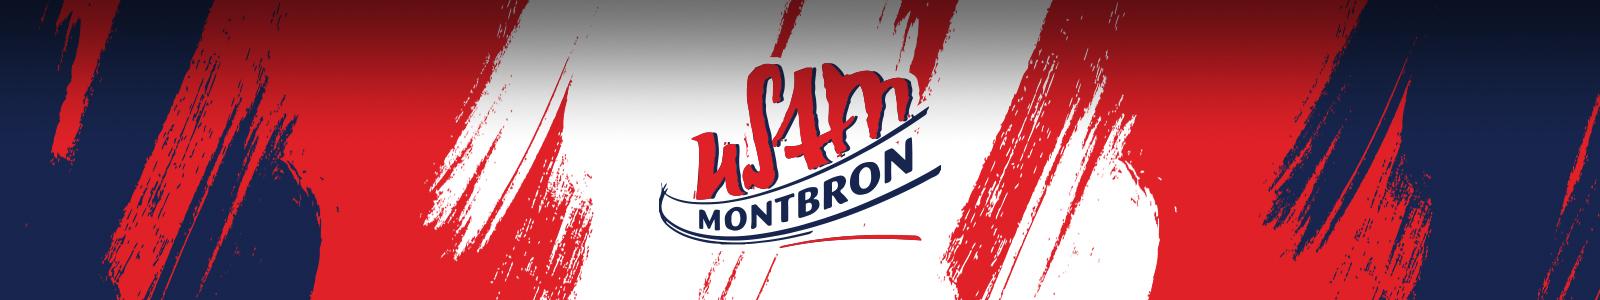 Union Sportive et Amicale Montbronnaise : site officiel du club de foot de MONTBRON - footeo